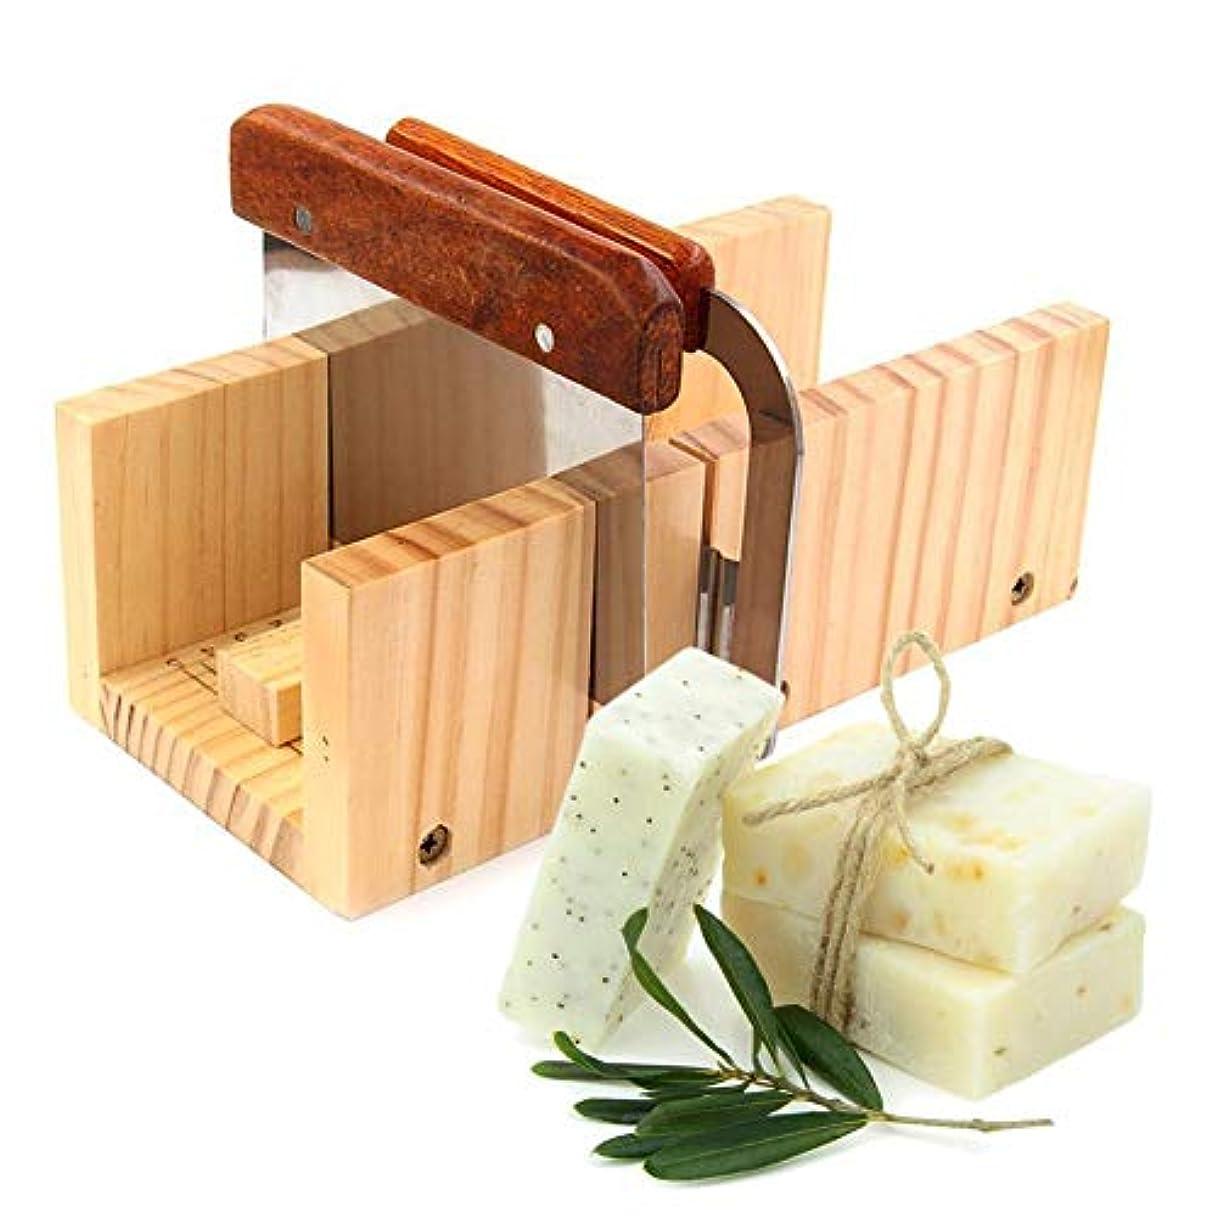 払い戻し適用するマニュアルソープモールド、調整可能、木製、ハンドメイド、石鹸、モールドアクセサリー、ストレートプレーナー付き